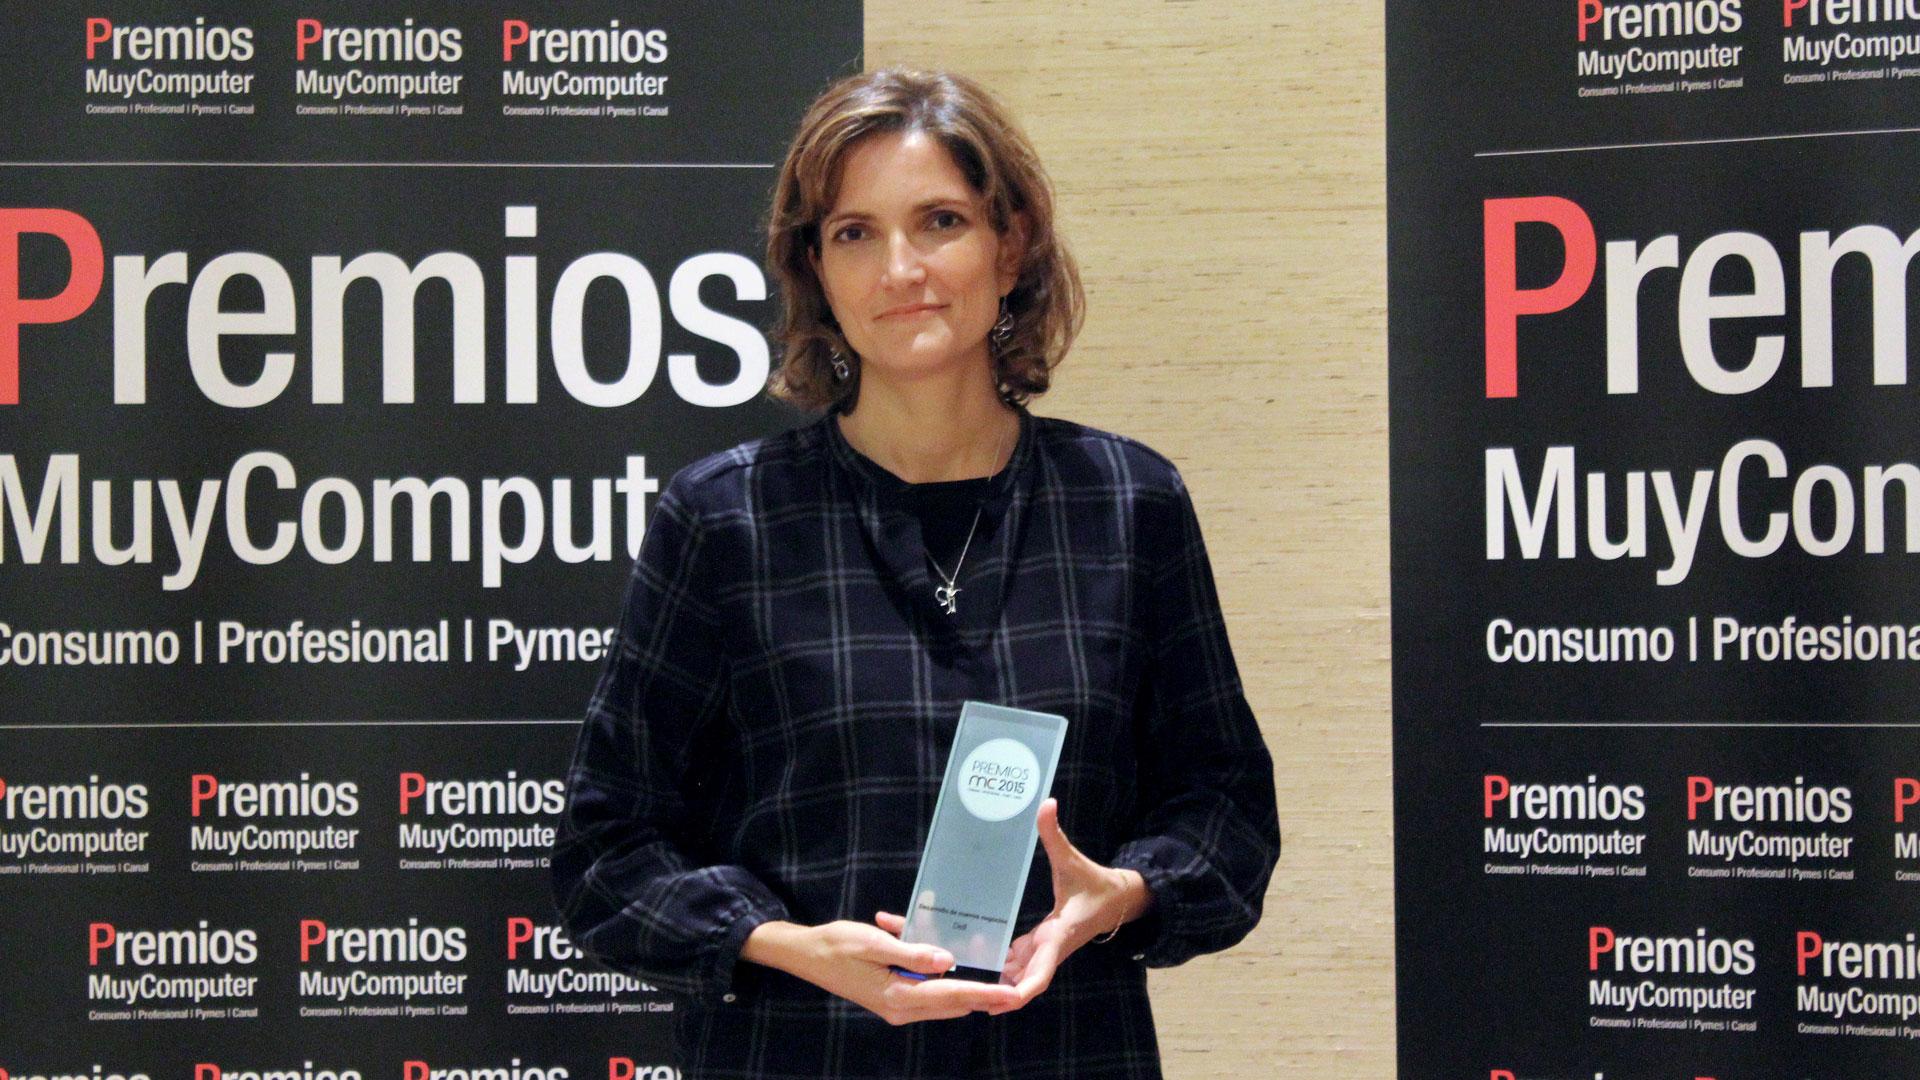 premios-mc2015-dell-desarrollo-nuevos-negocios